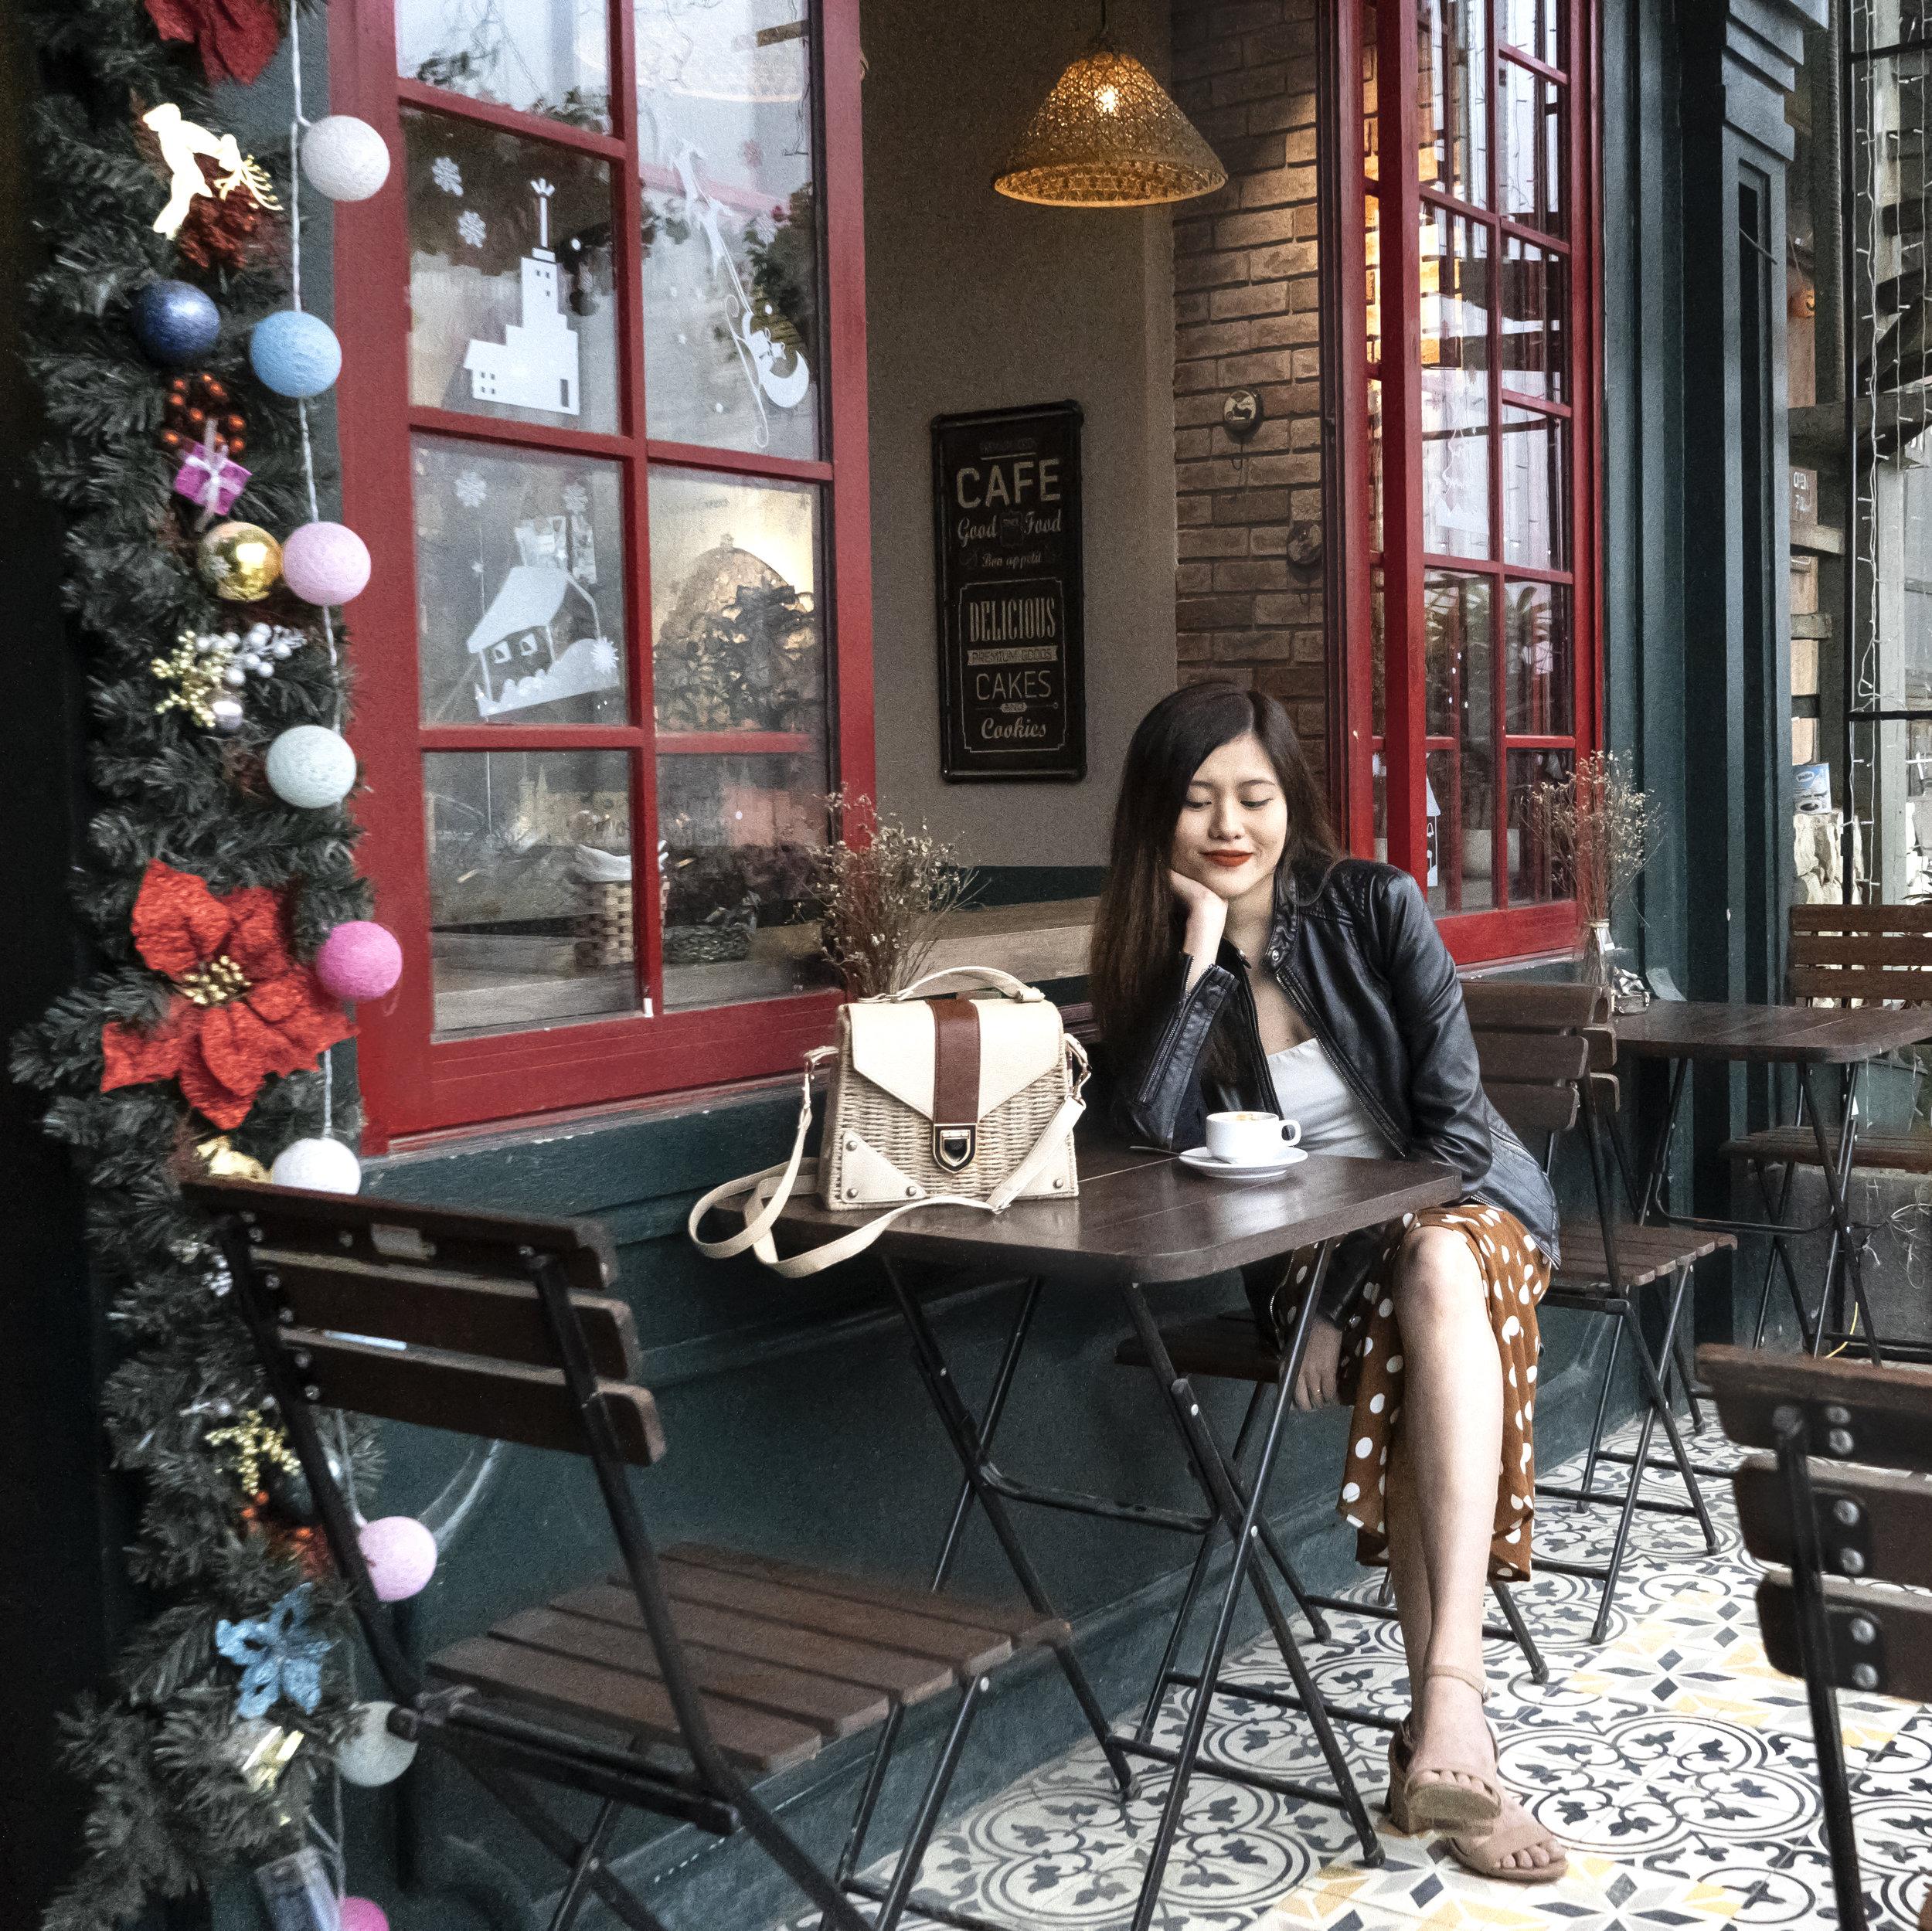 Cafe in Sapa